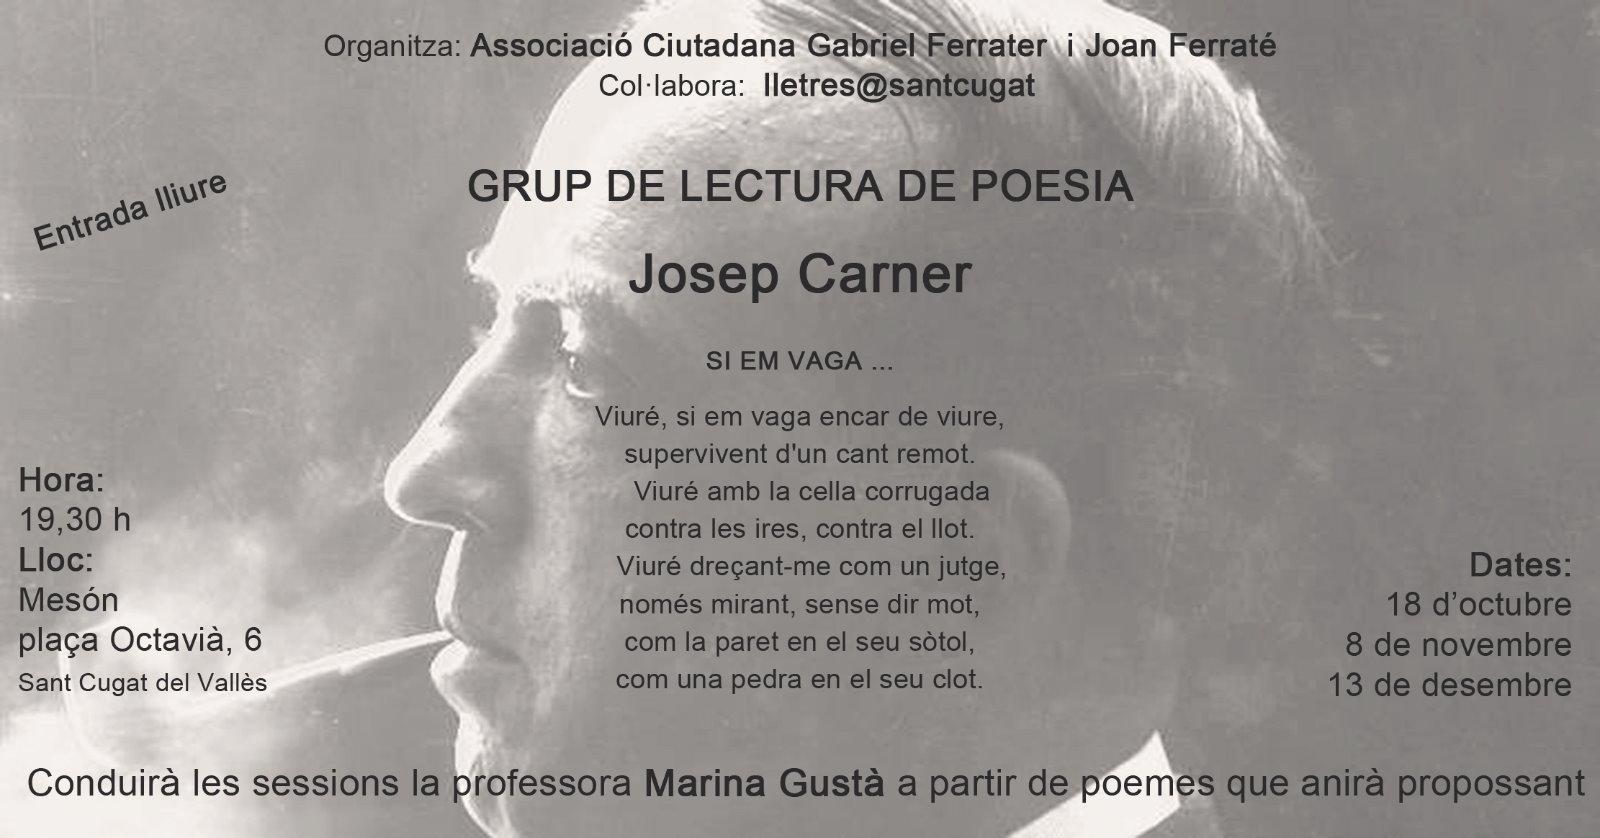 Grup de lectura de poesia: Josep Carner